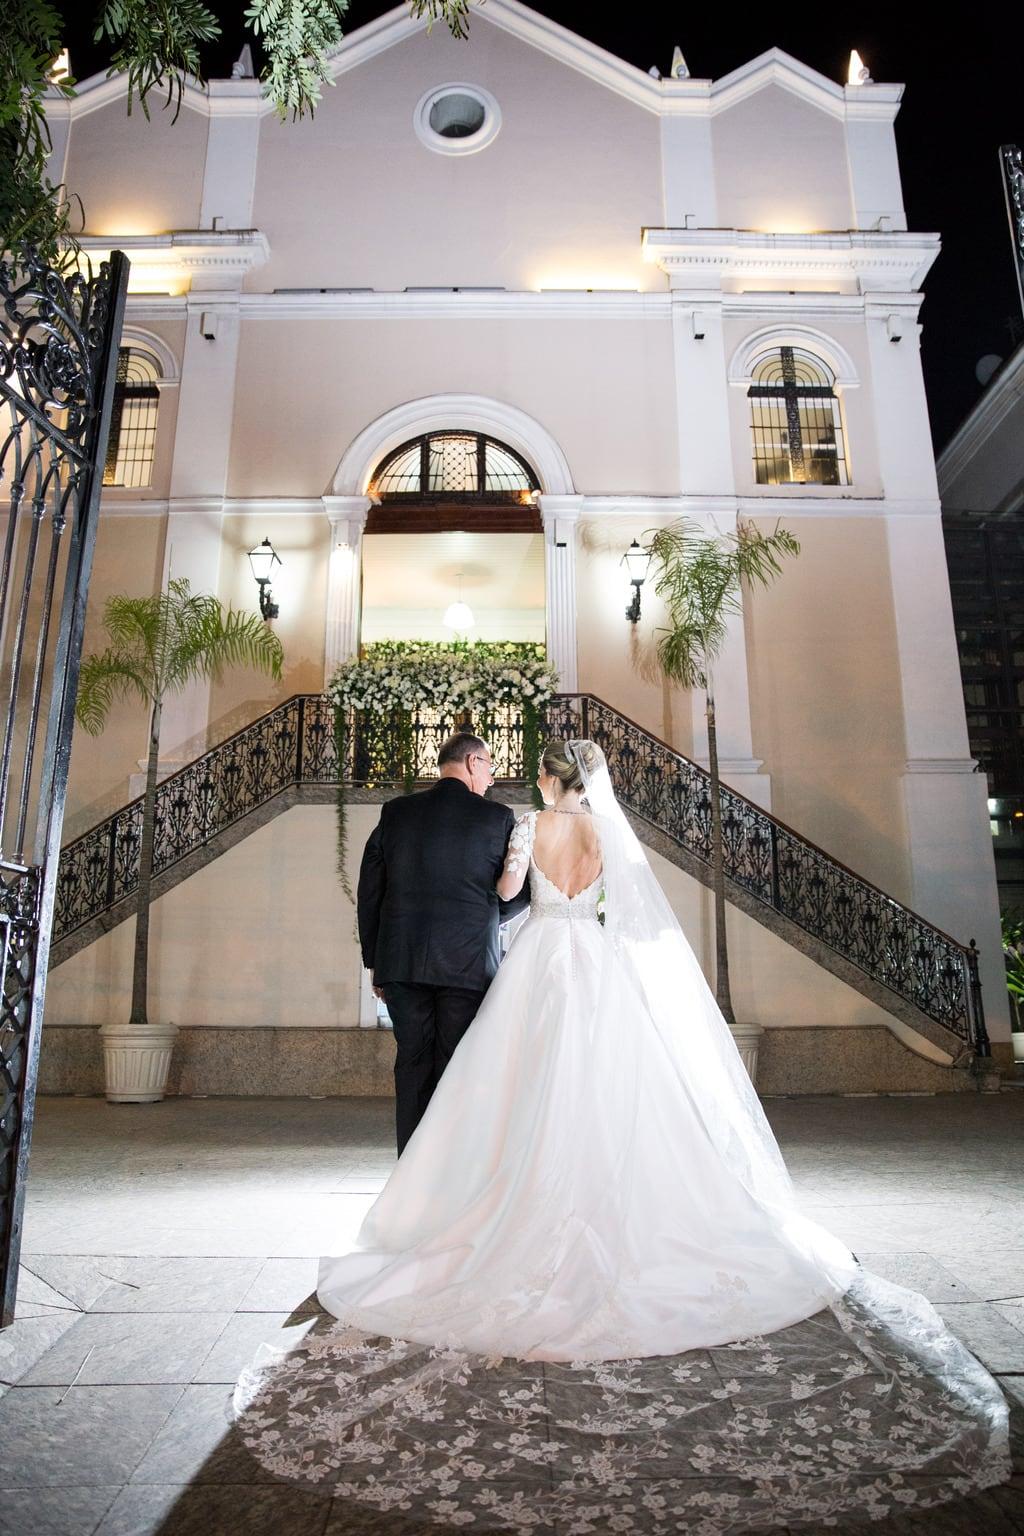 casamento-clássico-casamento-tradicional-rio-de-janeiro-niterói-Fotografia-Giovani-Garcia-casamento-Cássia-e-Daniel-9-1